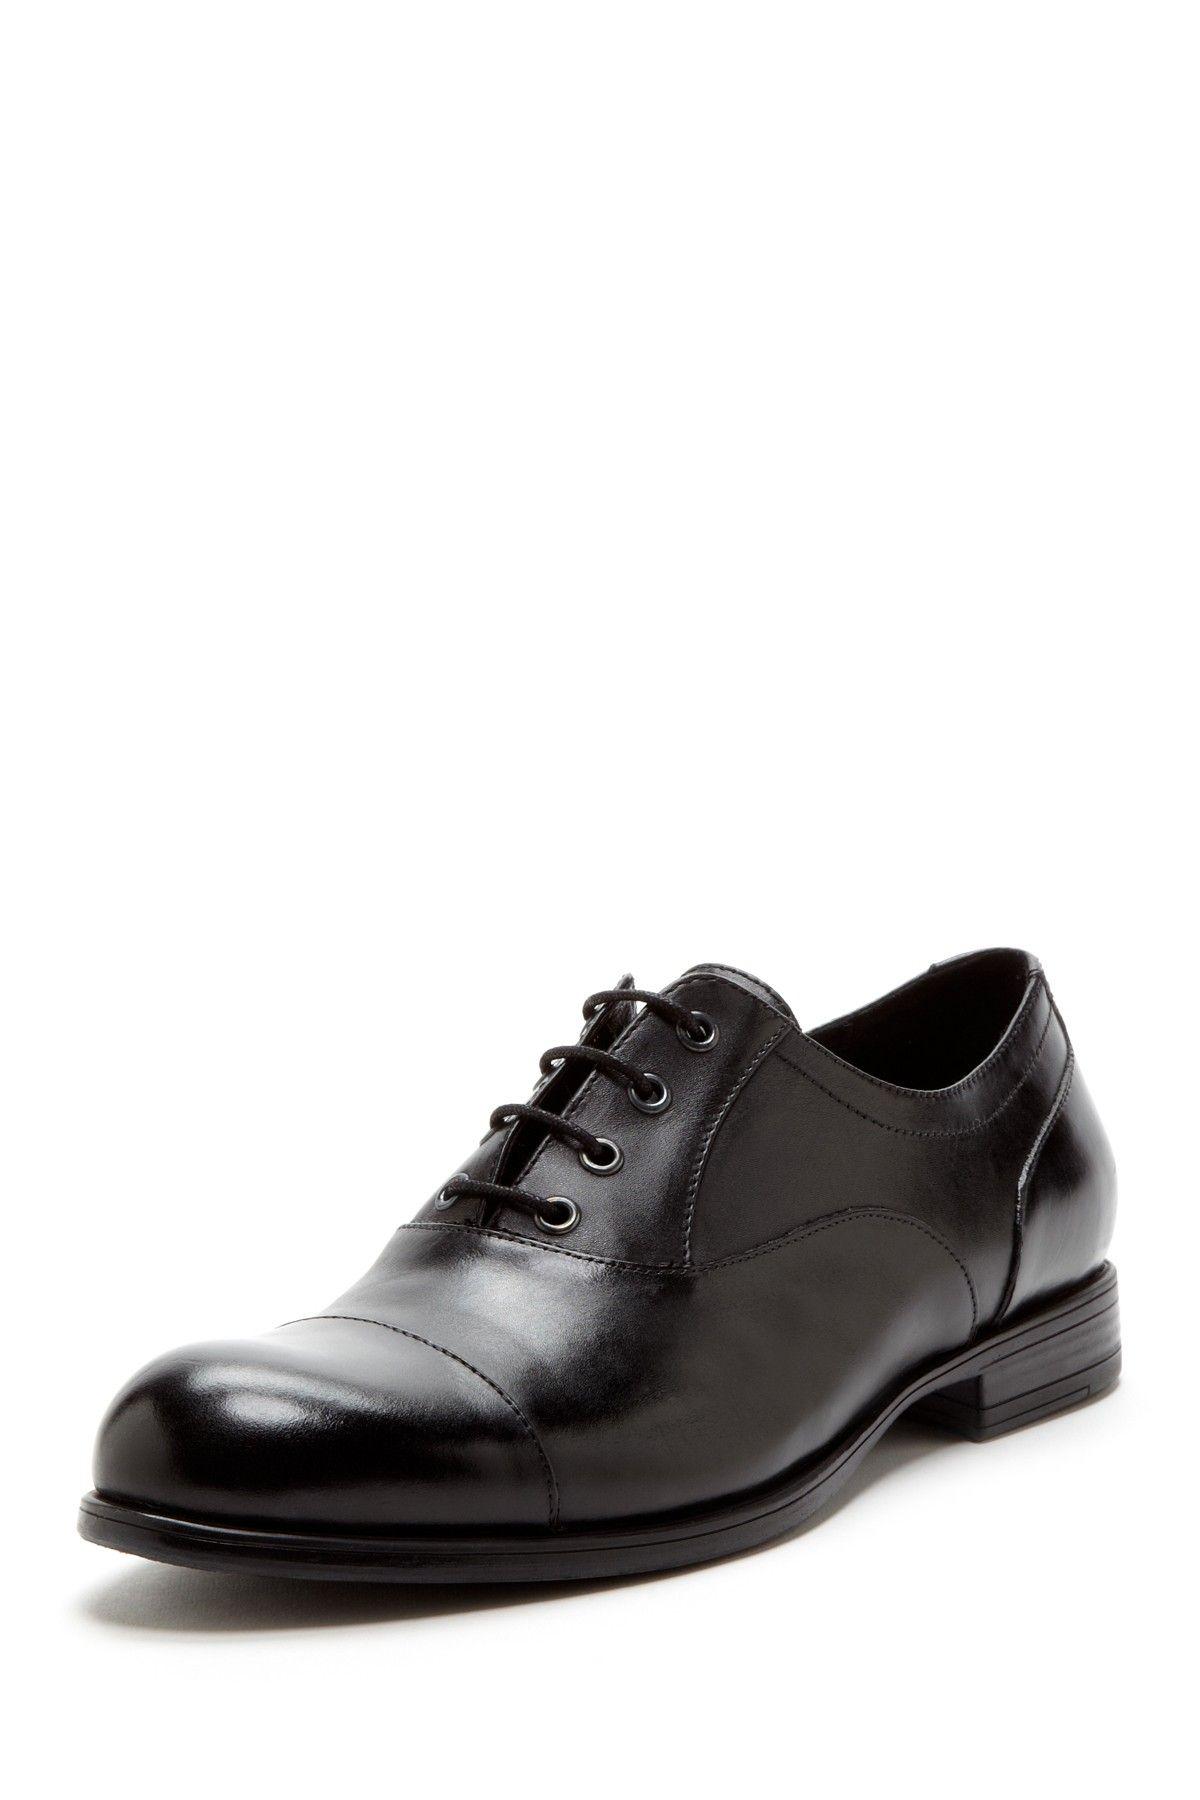 Ben Sherman Douglas Oxford Shoe 79 00 Natty Guy™